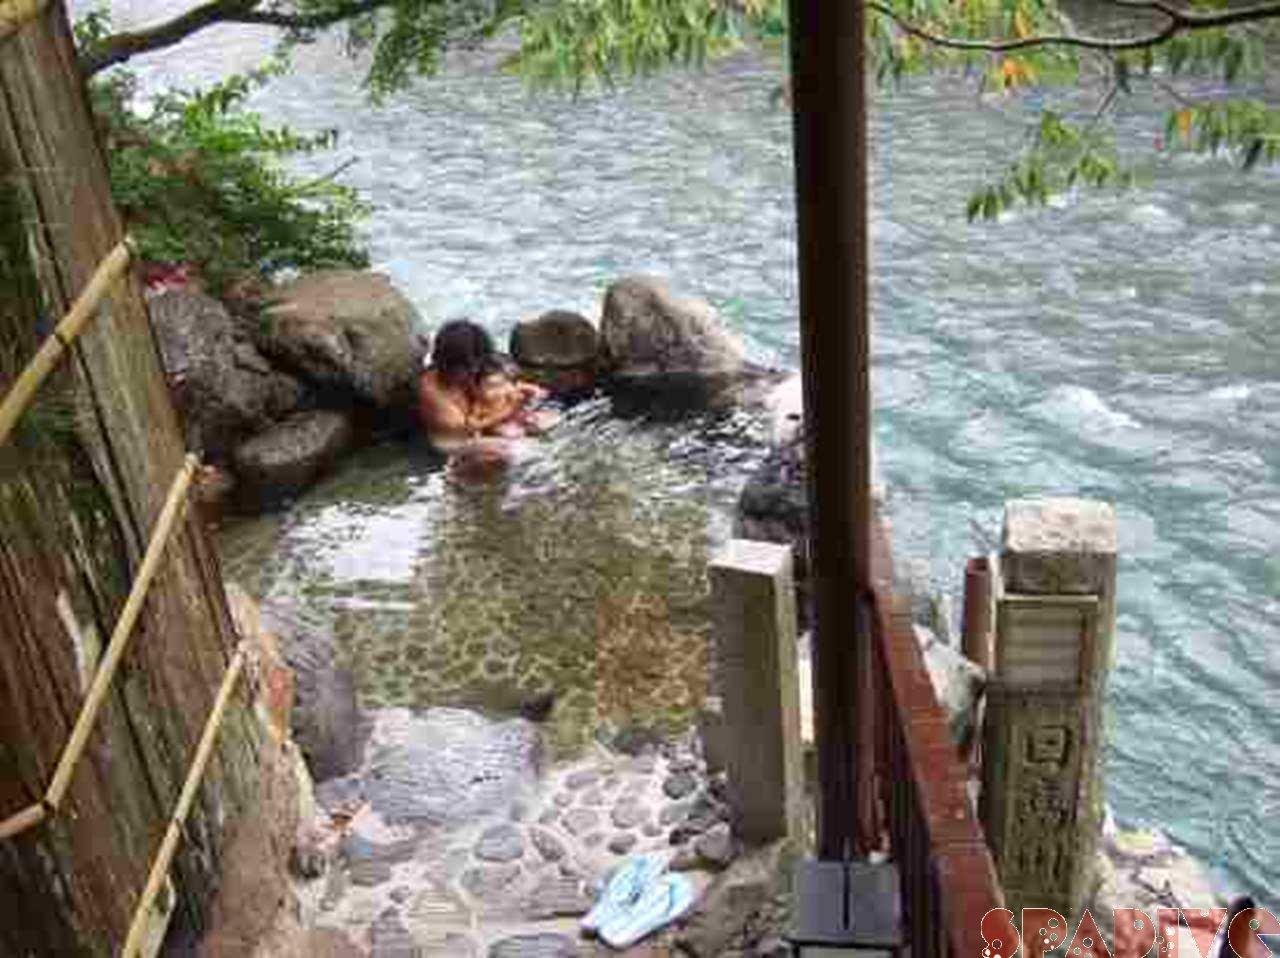 日帰りで和歌山 龍神温泉へ|混浴露天風呂あり|6/26/2009下御殿